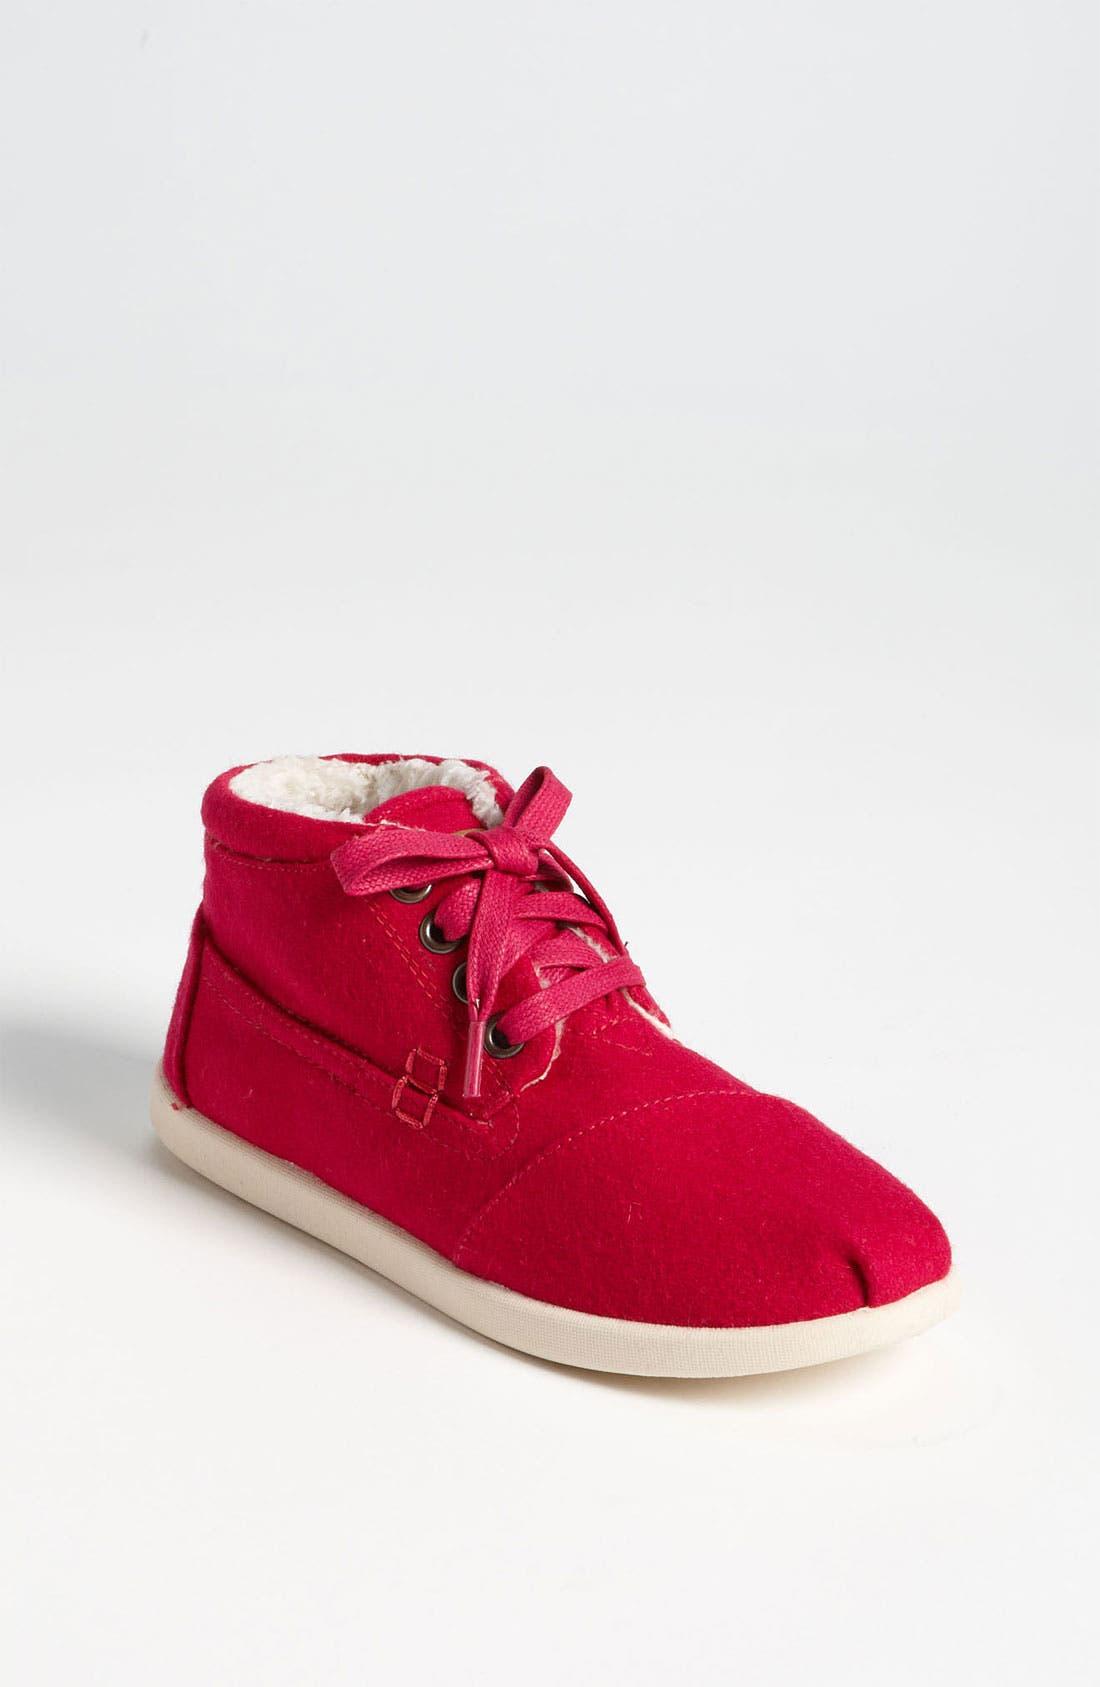 Main Image - TOMS 'Botas - Youth' Wool Boot (Toddler, Little Kid & Big Kid)